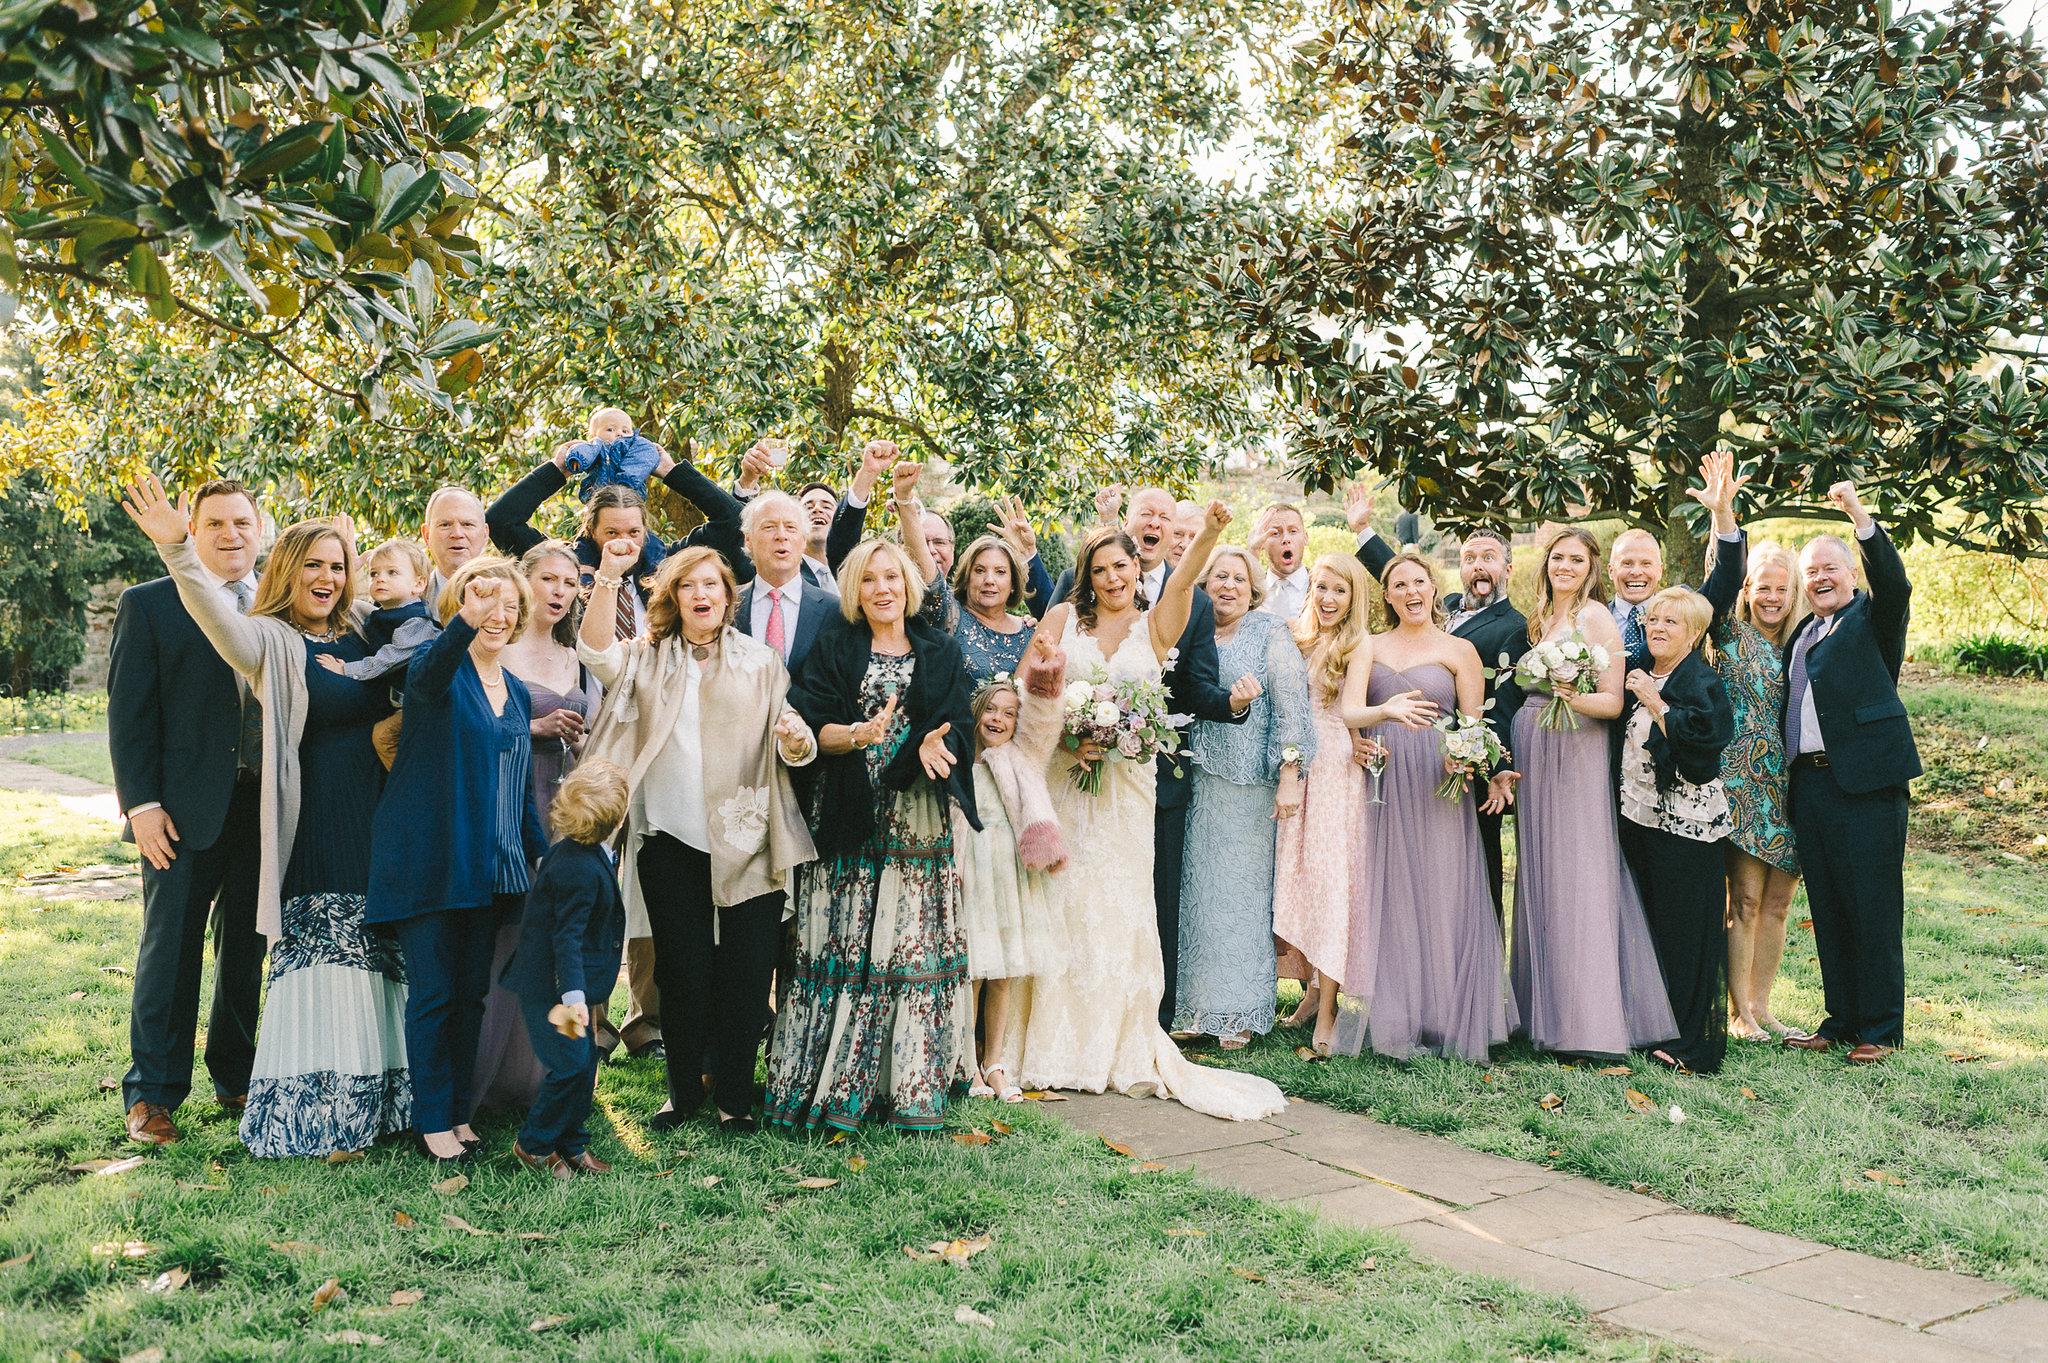 Elizabeth-Fogarty-Wedding-Photography-144.jpg